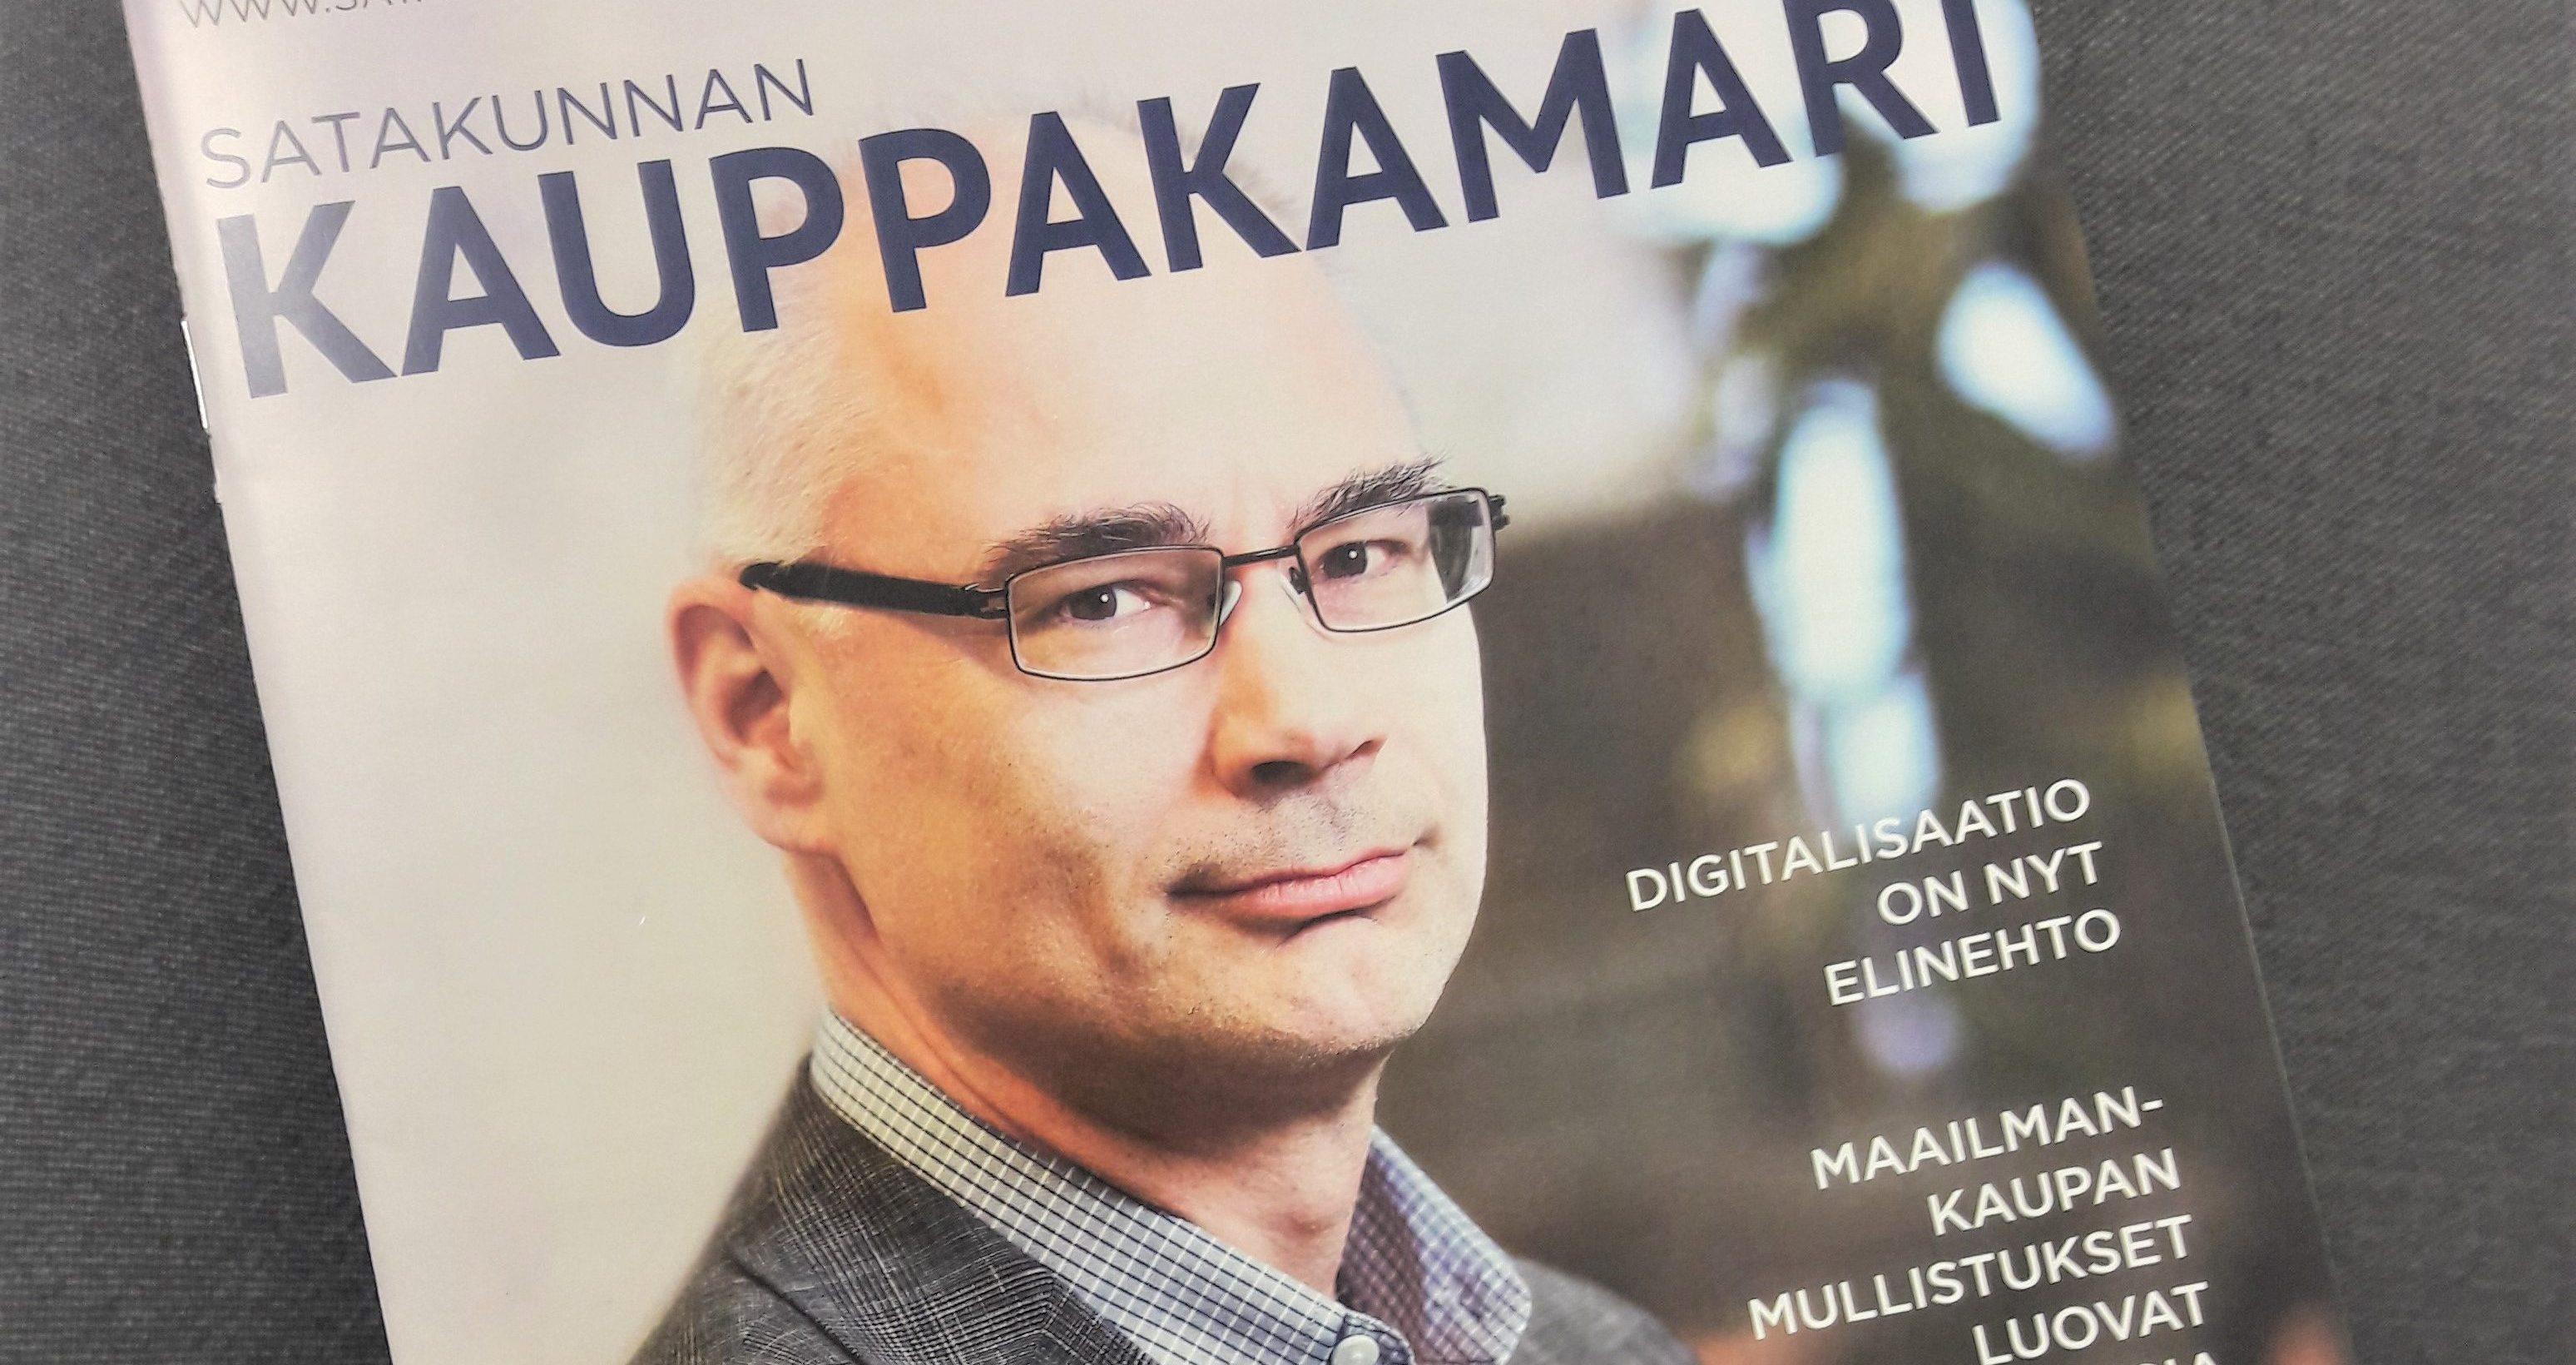 Elinar's CEO Mikko Hörkkö writes about digitalisaatio in magazine